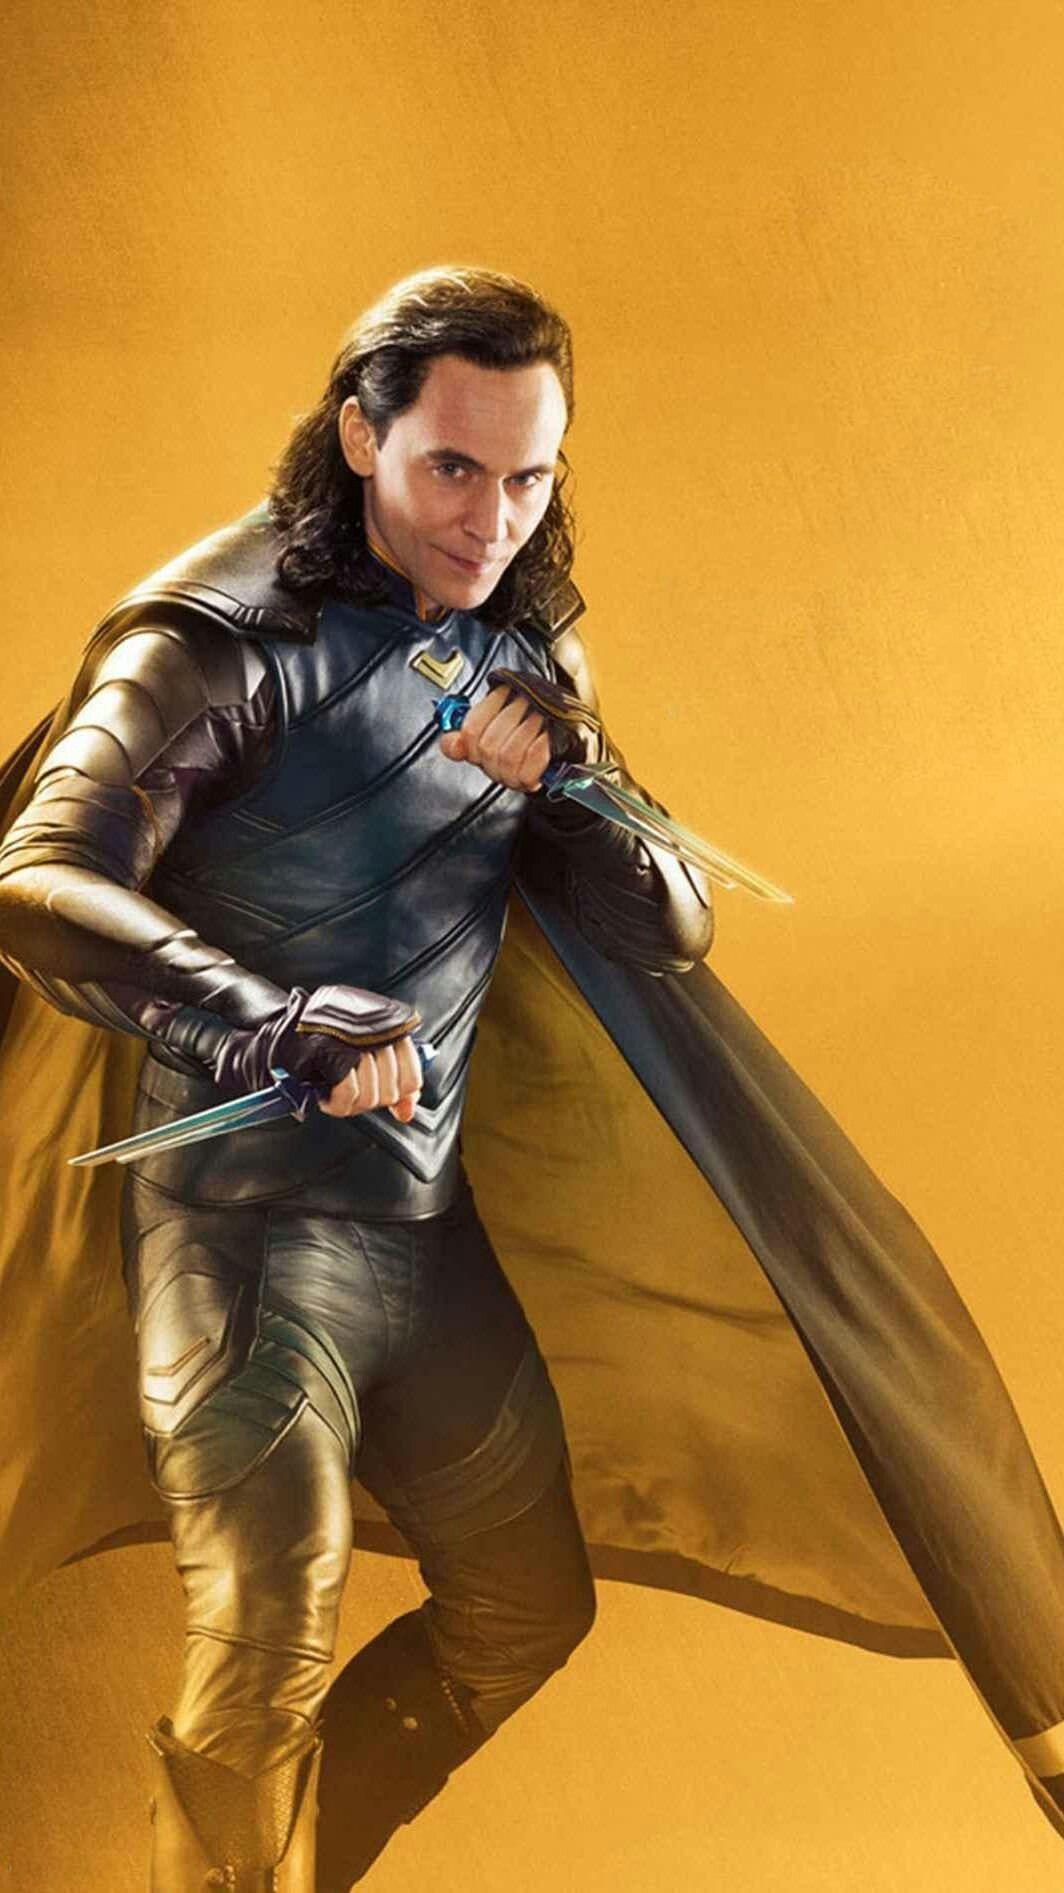 Idea by Ali Zain on MARVEL Avengers, Character, Superhero